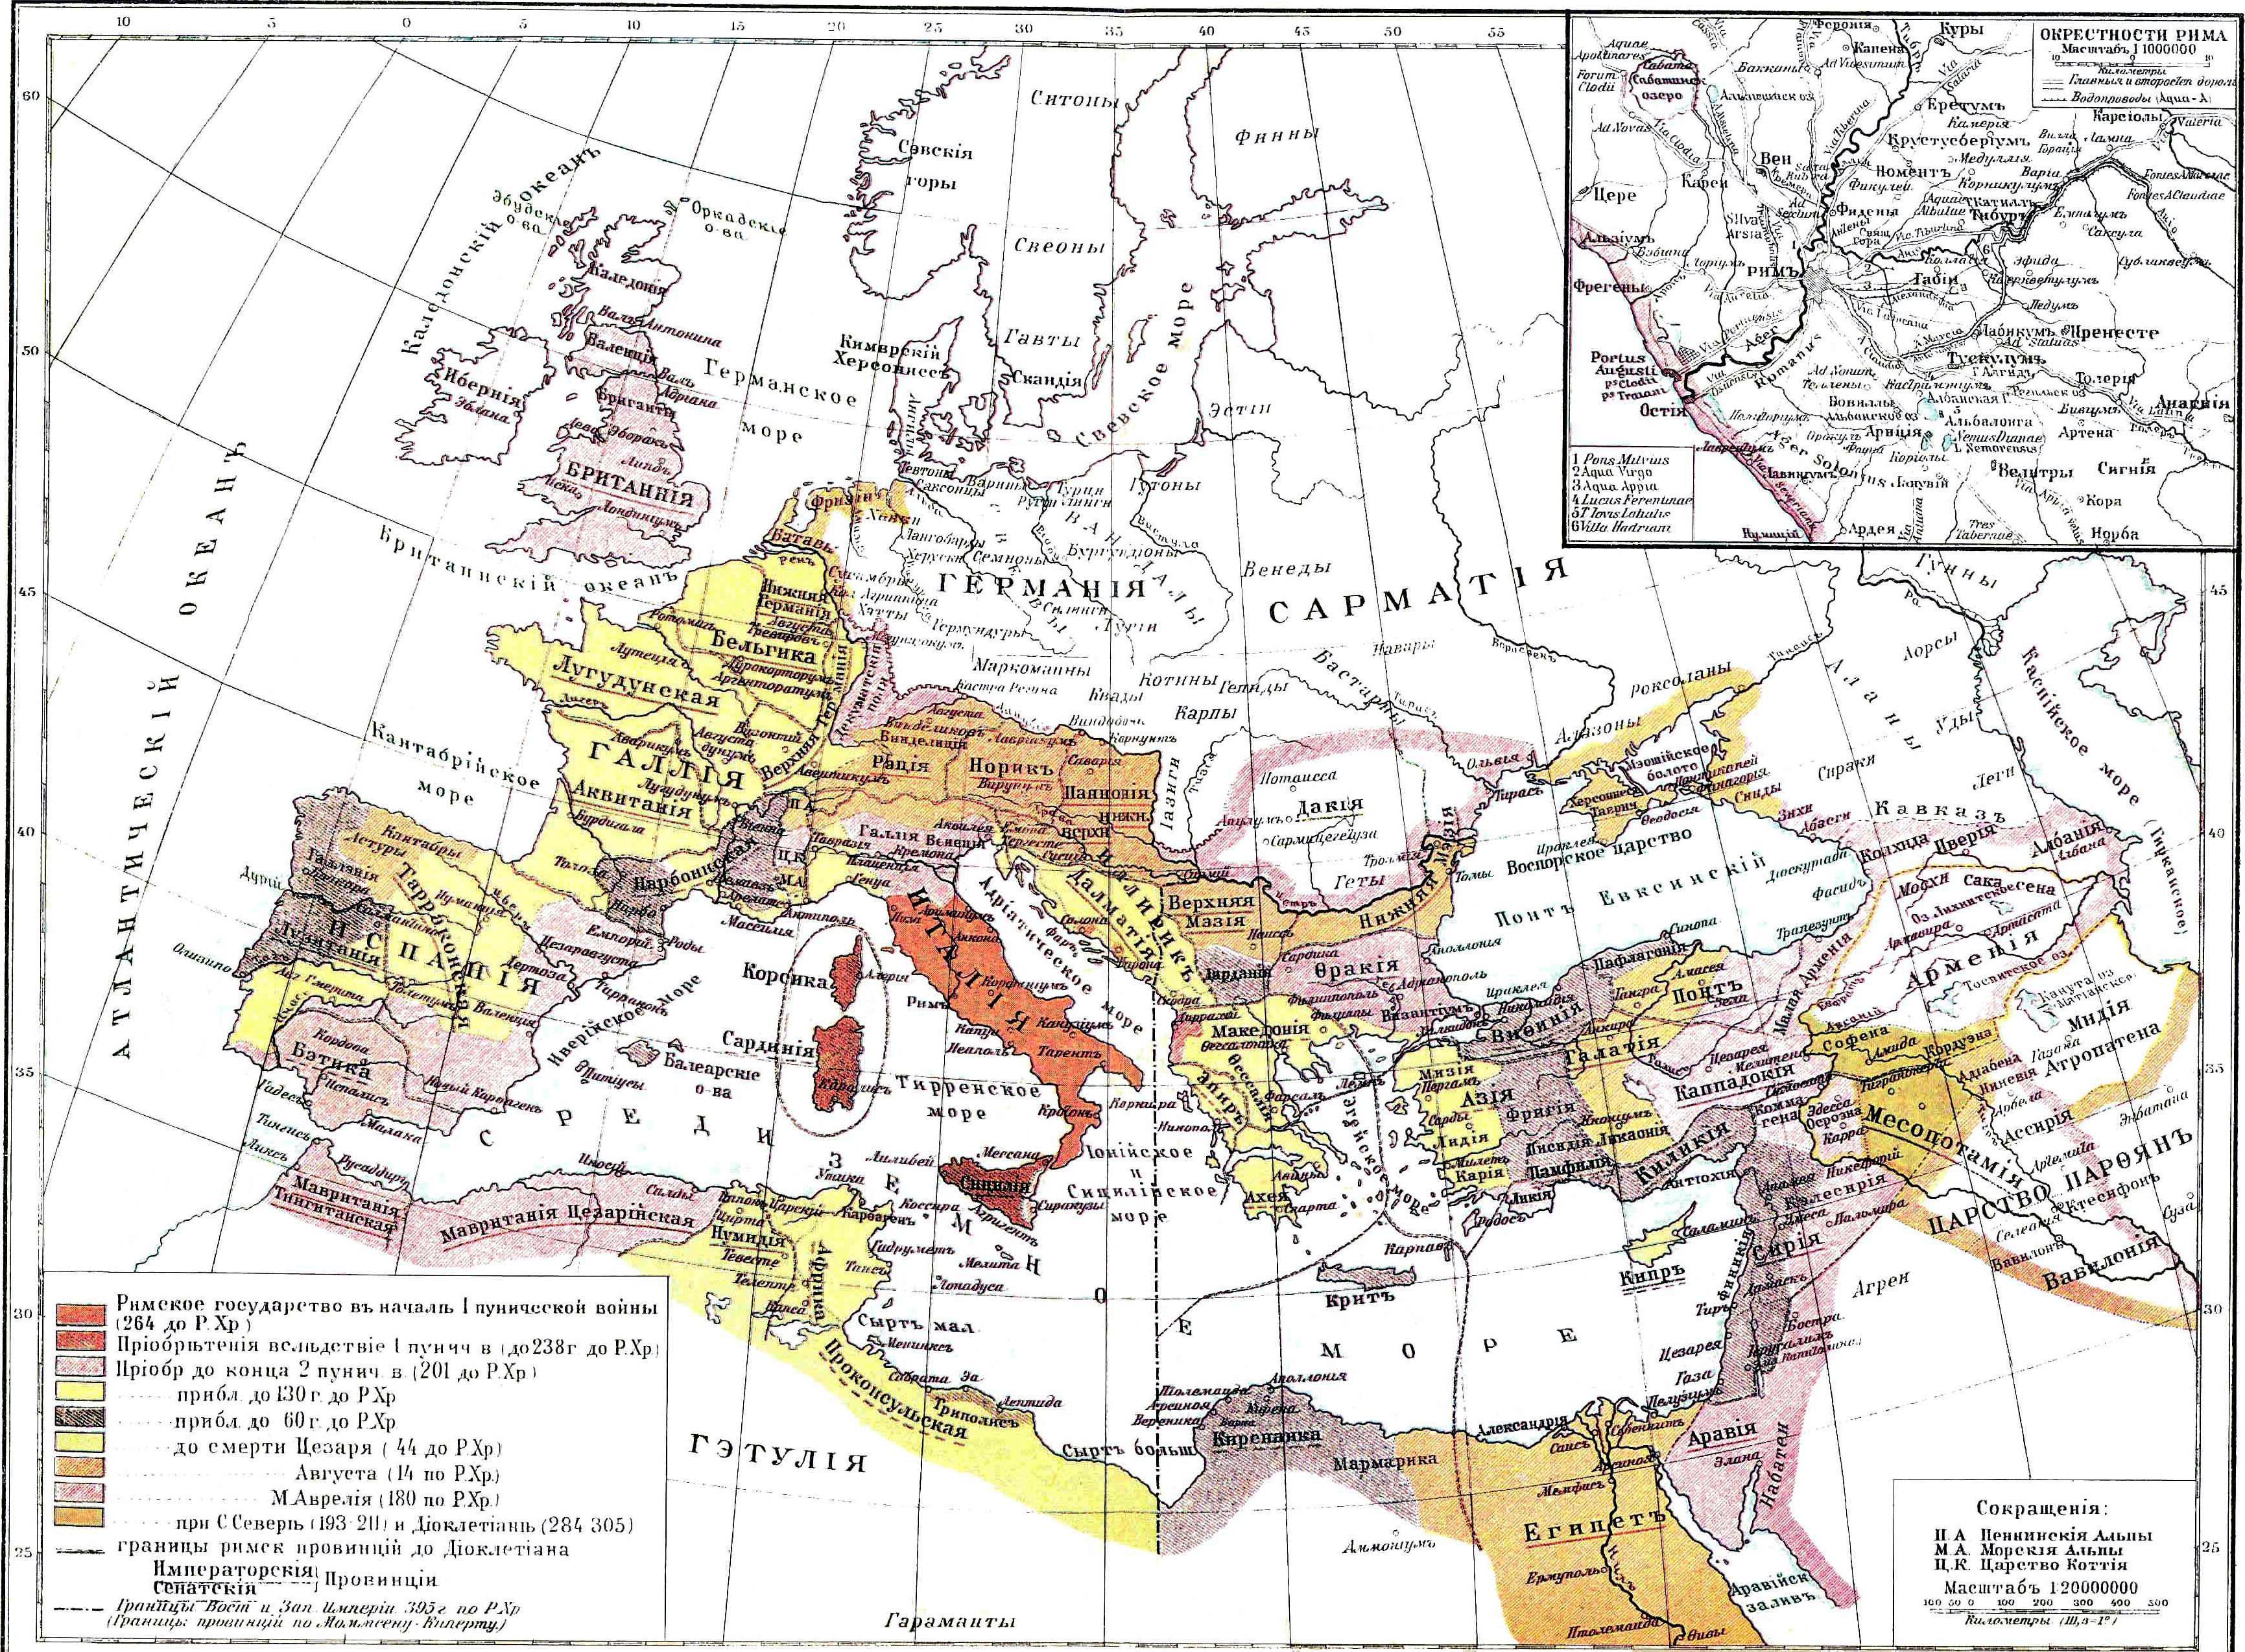 западная римская империя окончательно прекратила существование